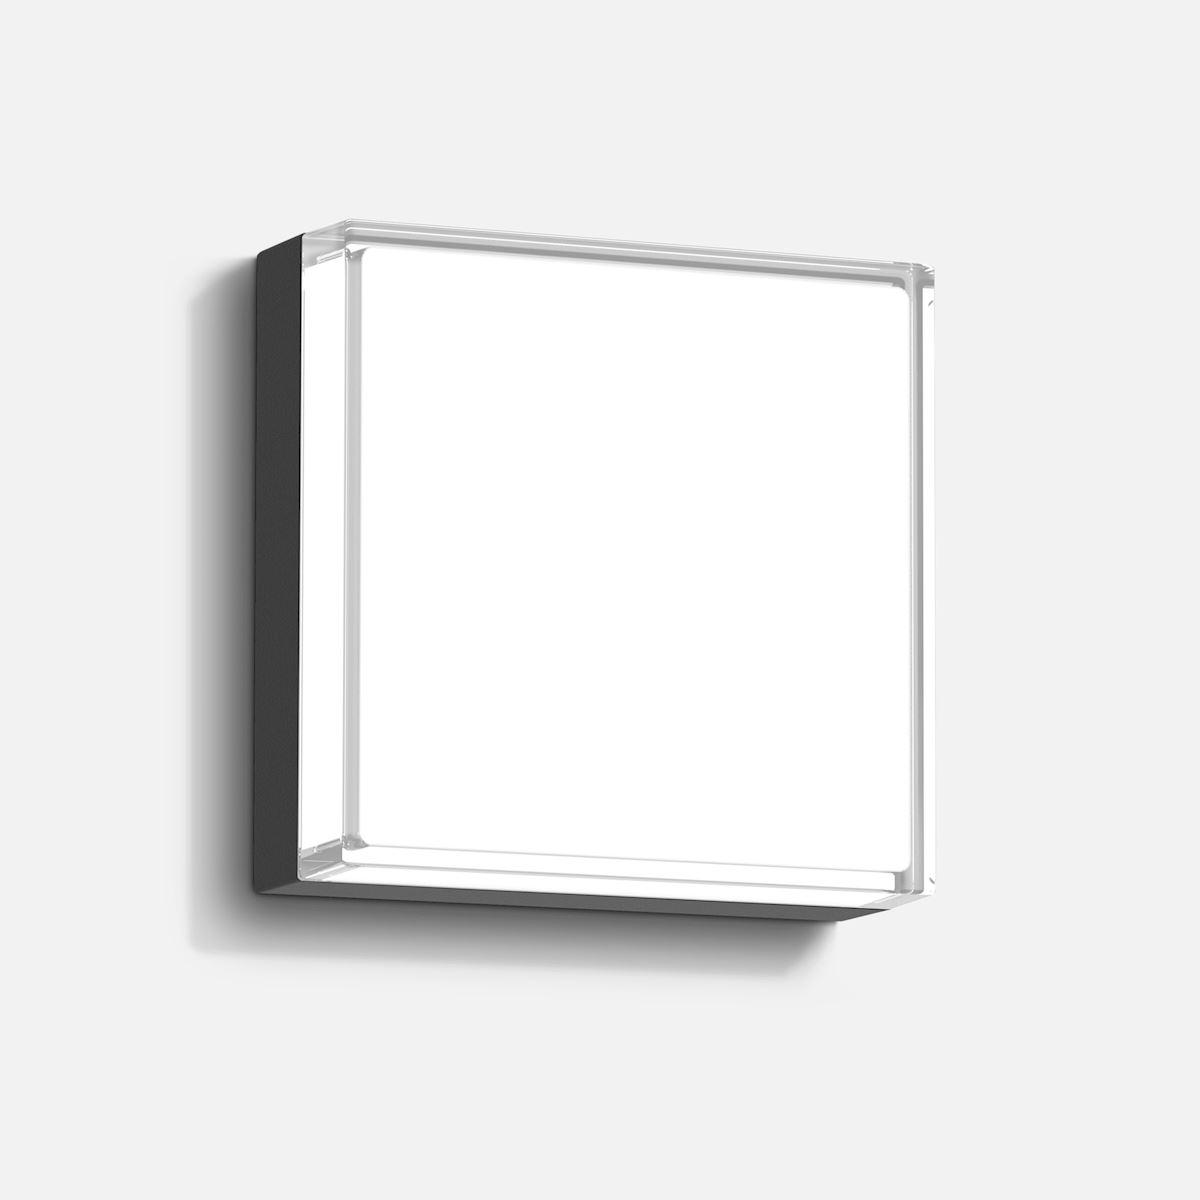 Wall luminaire